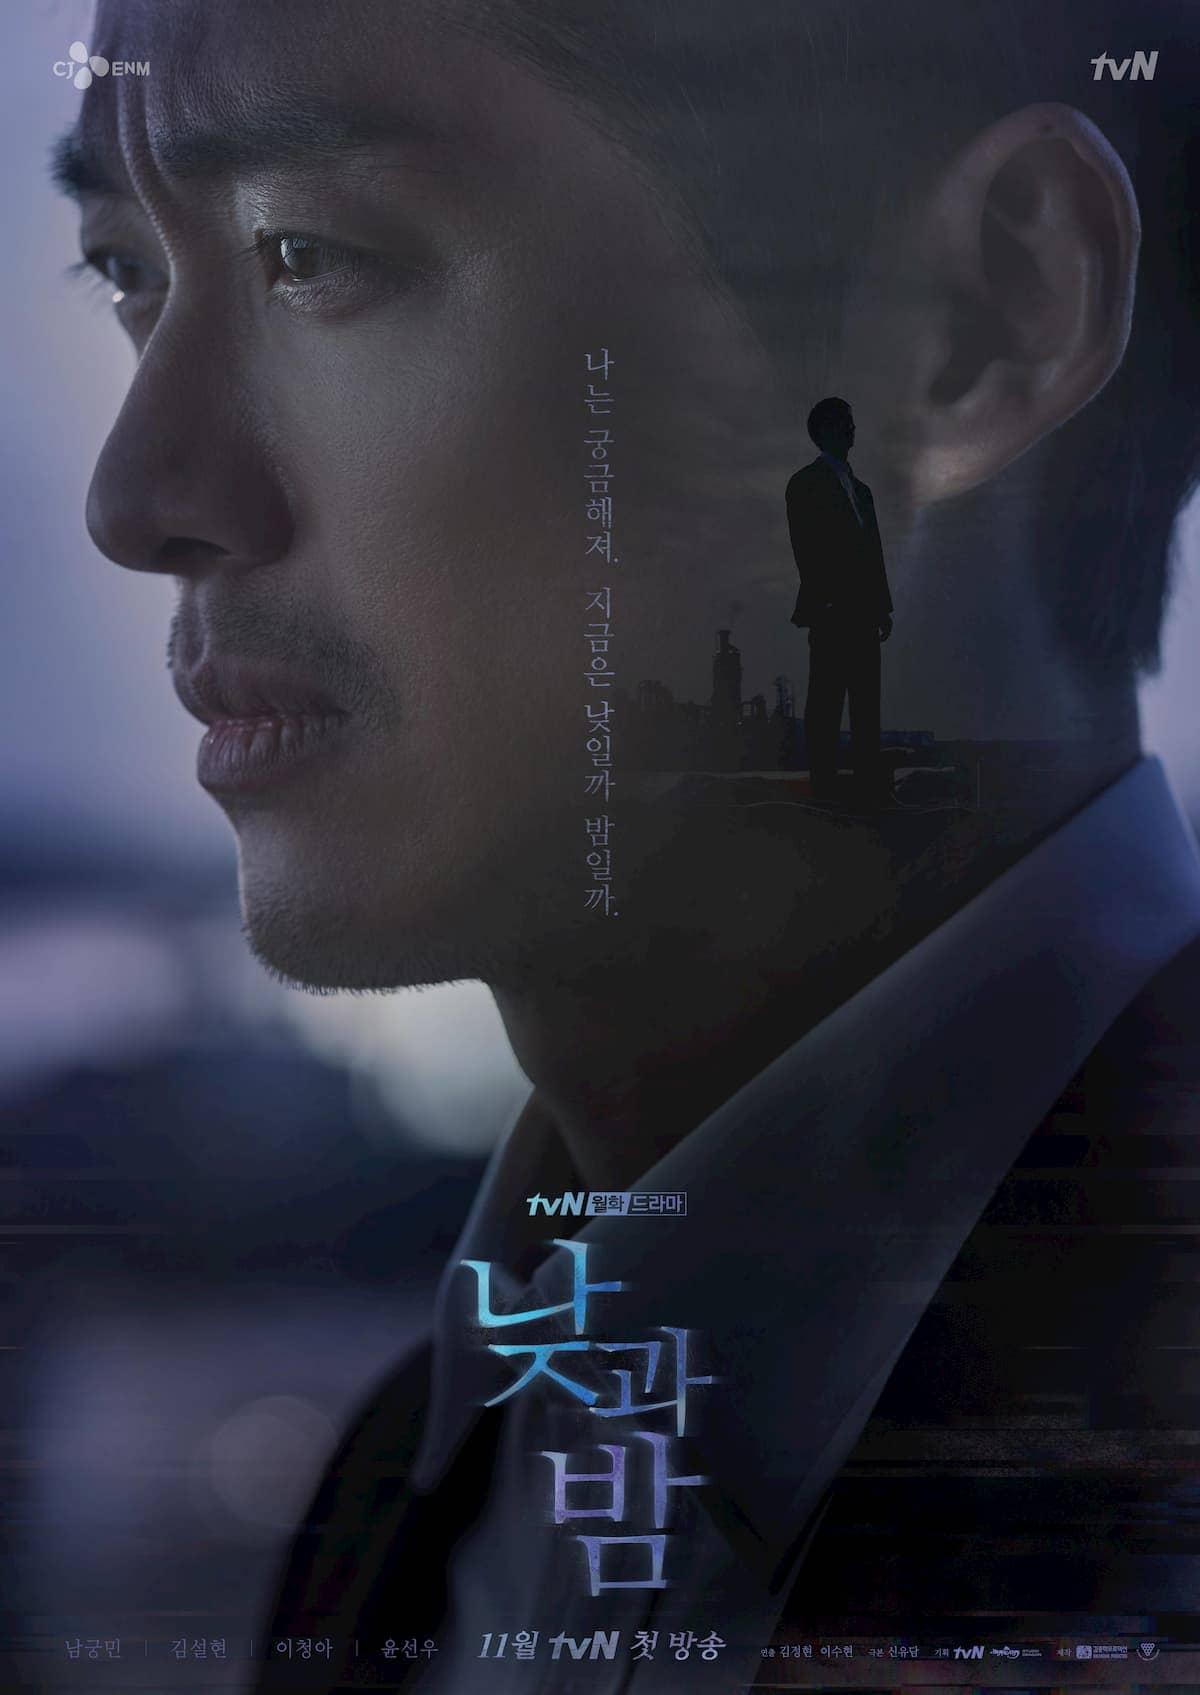 ซีรีส์เกาหลี Awaken (2020) 낮과 밤